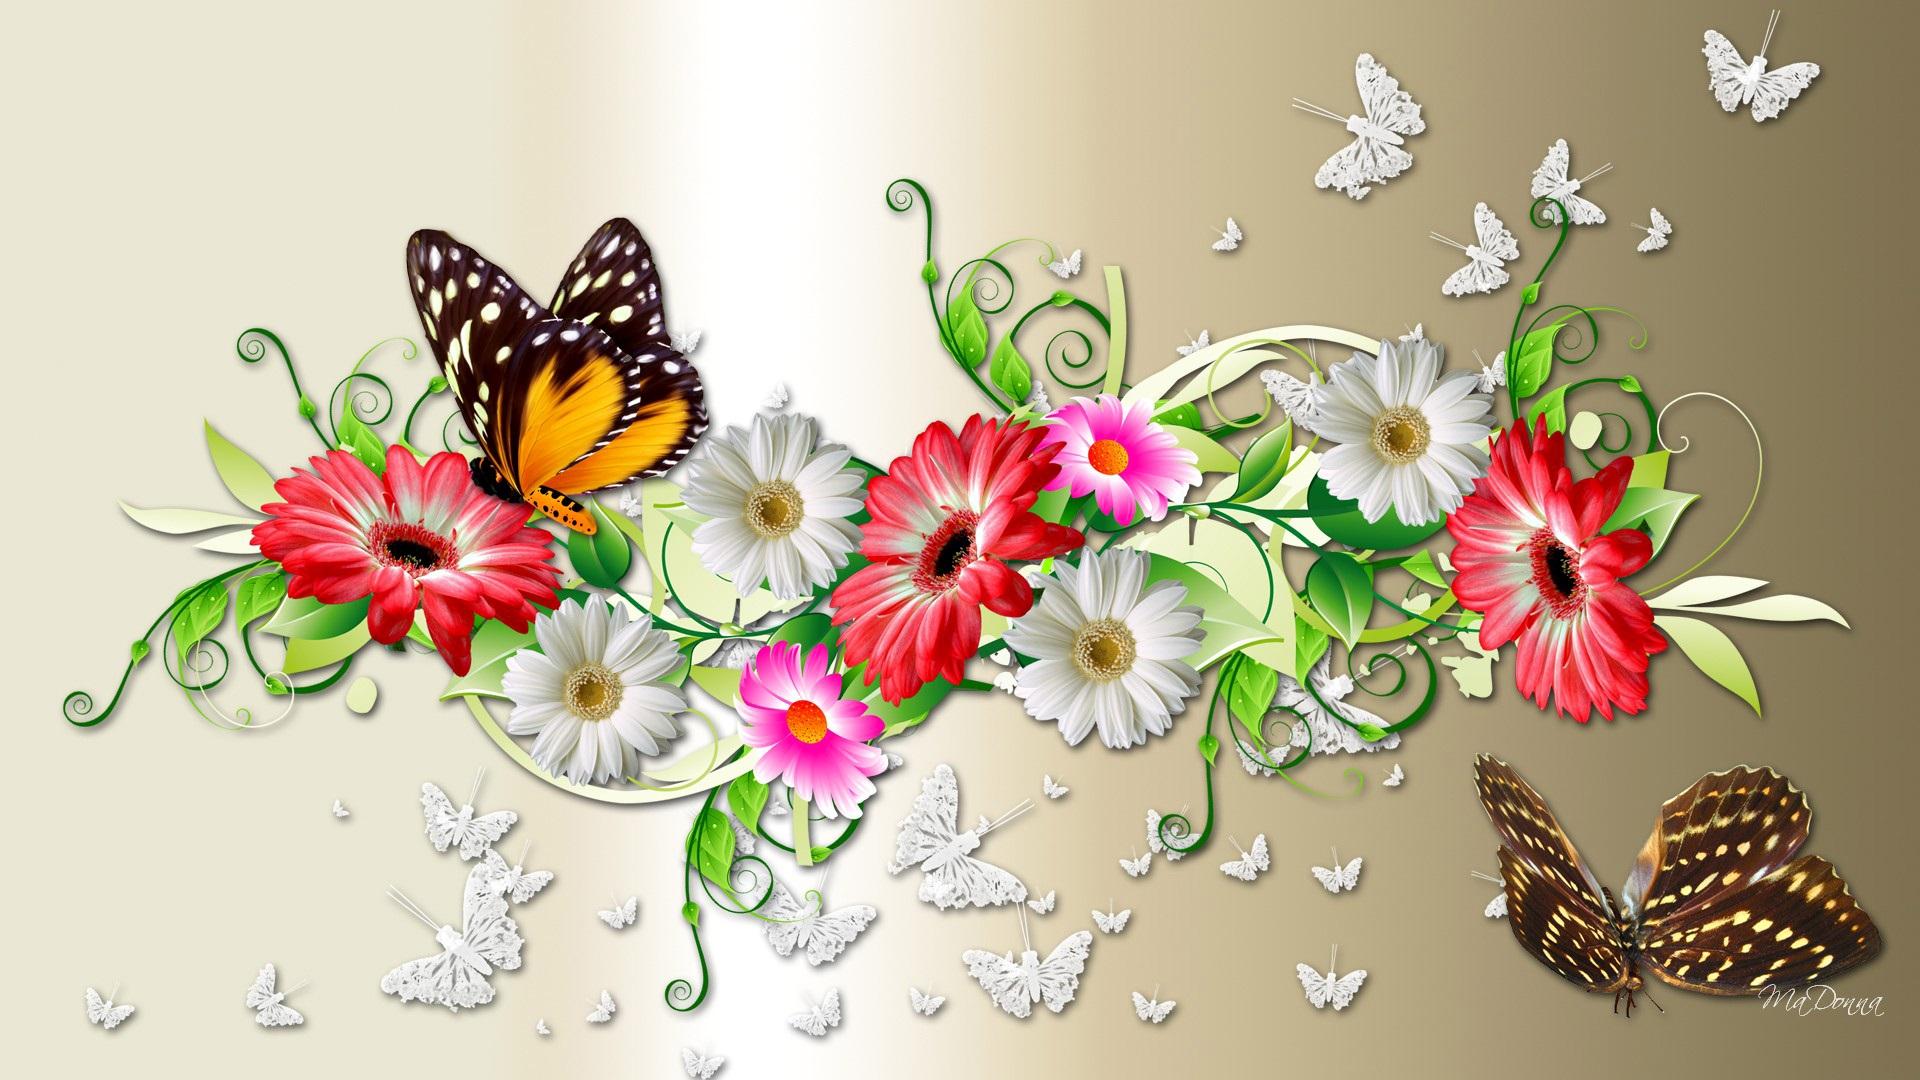 Открытки с бабочками и цветы, стихи днем рождения